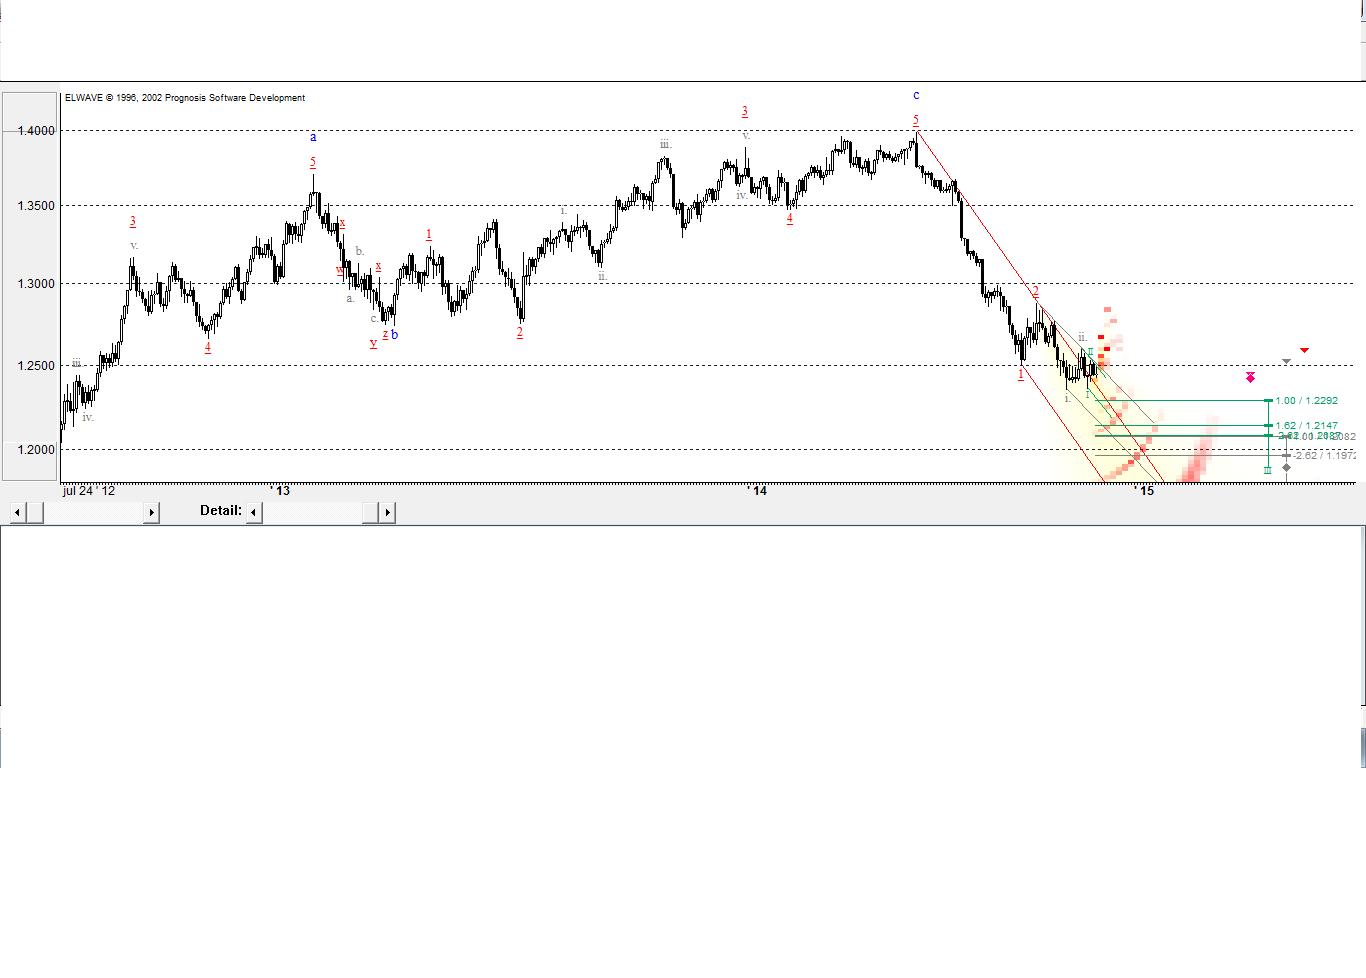 Евро доллар прогноз на сегодня 01 12 2014